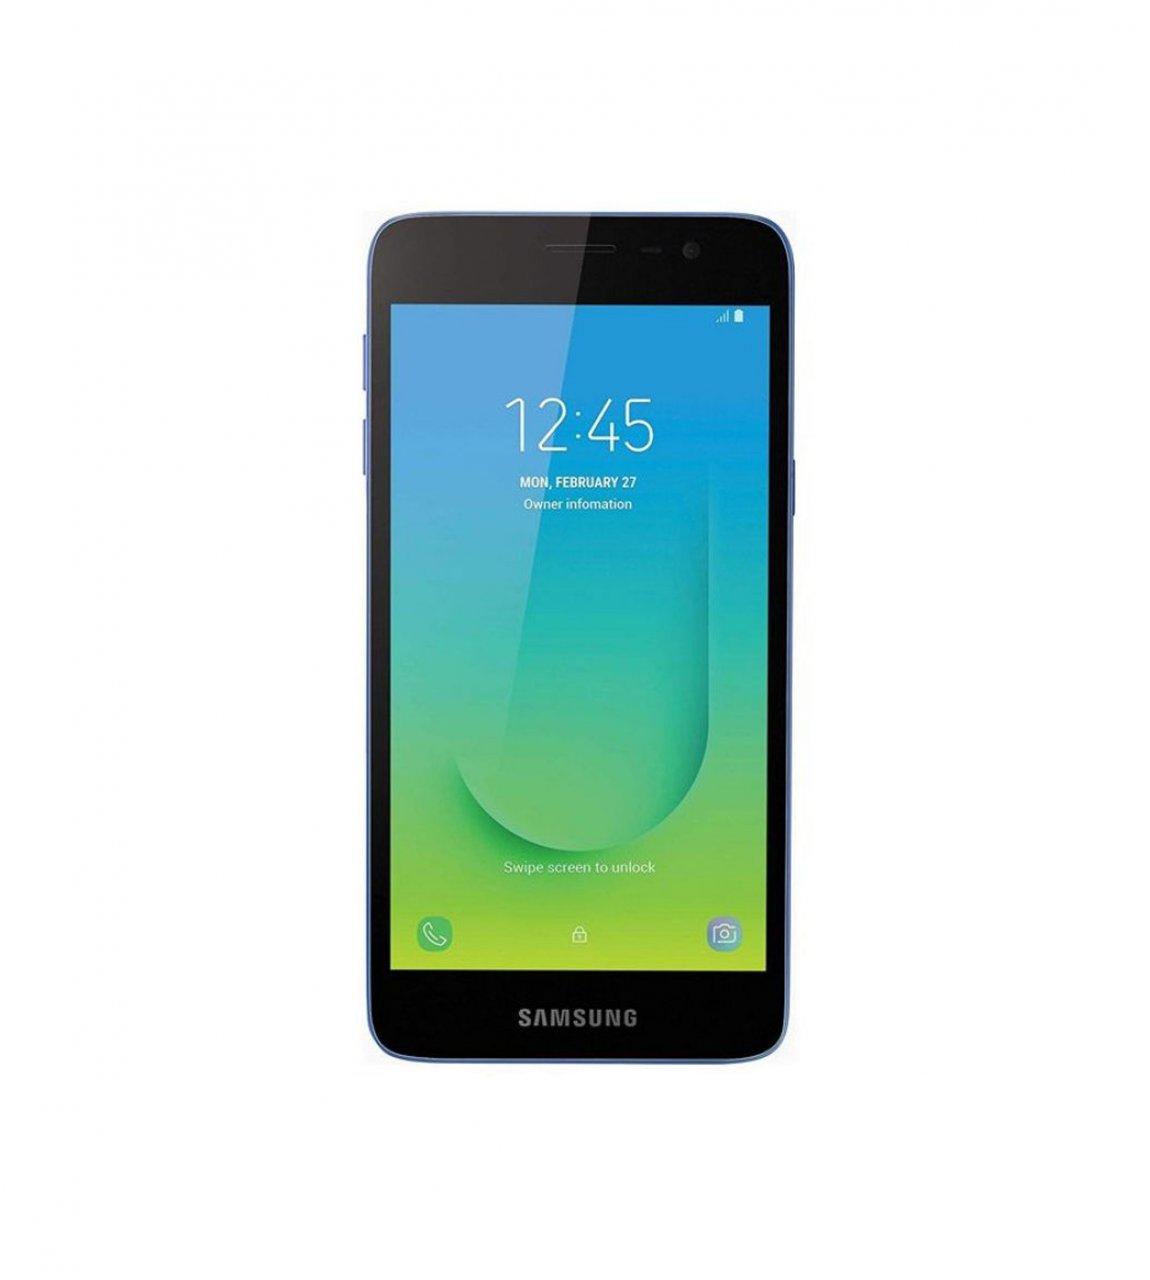 گوشی موبایل سامسونگ Galaxy J2 Core دو سیم کارت ظرفیت 8 گیگابایت گارانتی شرکتی